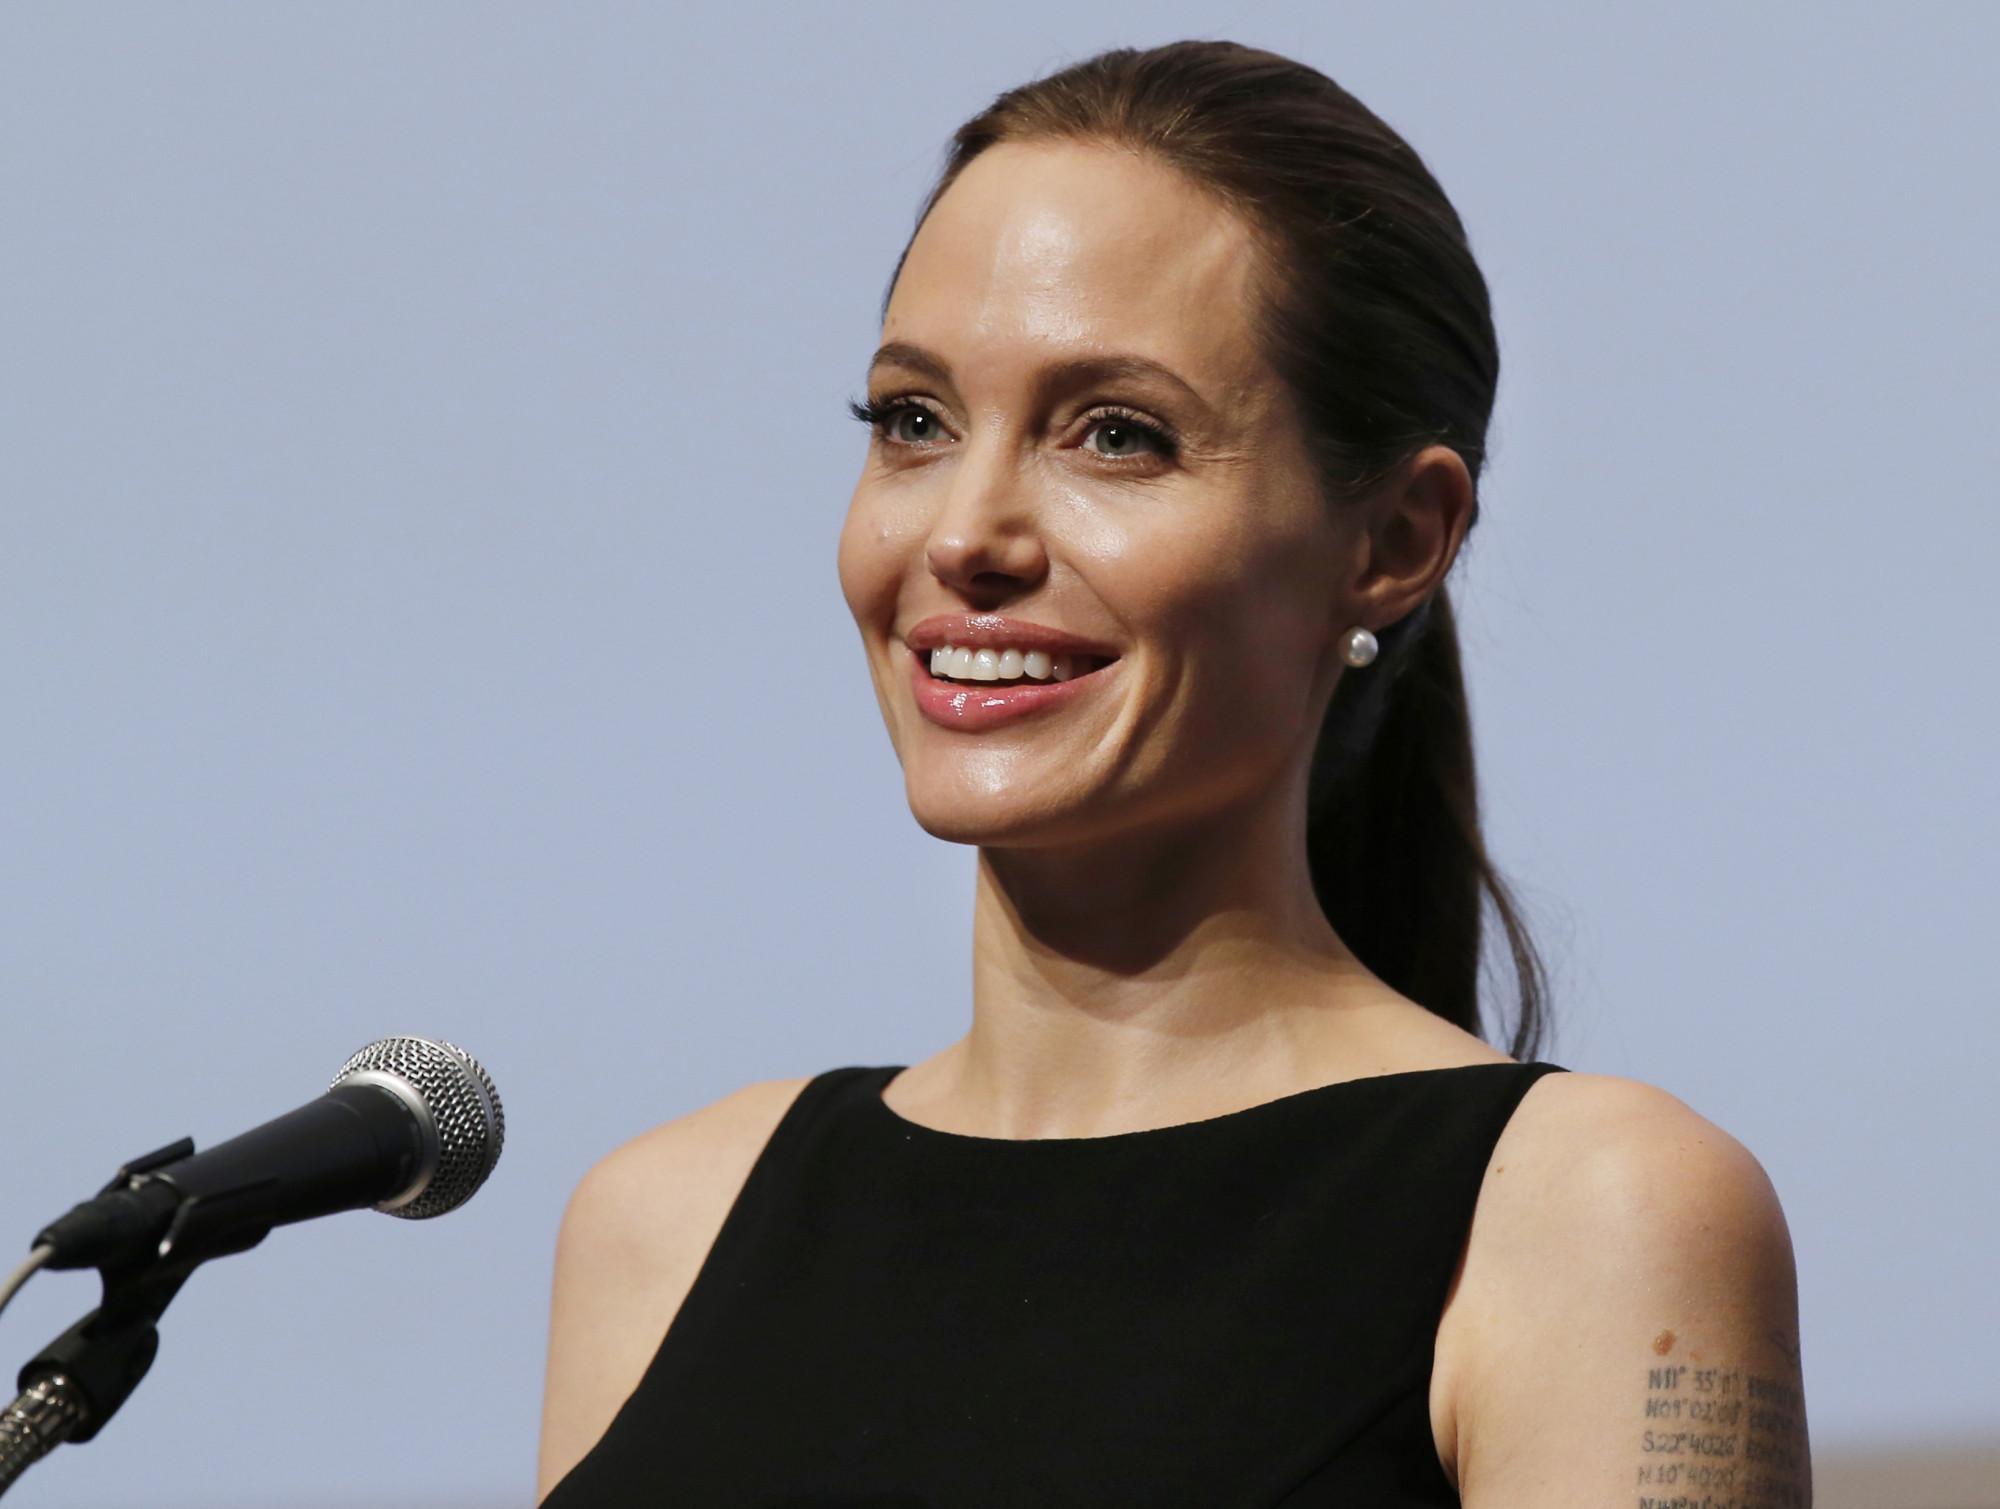 Картинки по запросу 5.Анджелина Джоли рассказала о перенесенном параличе лицевого нерва.